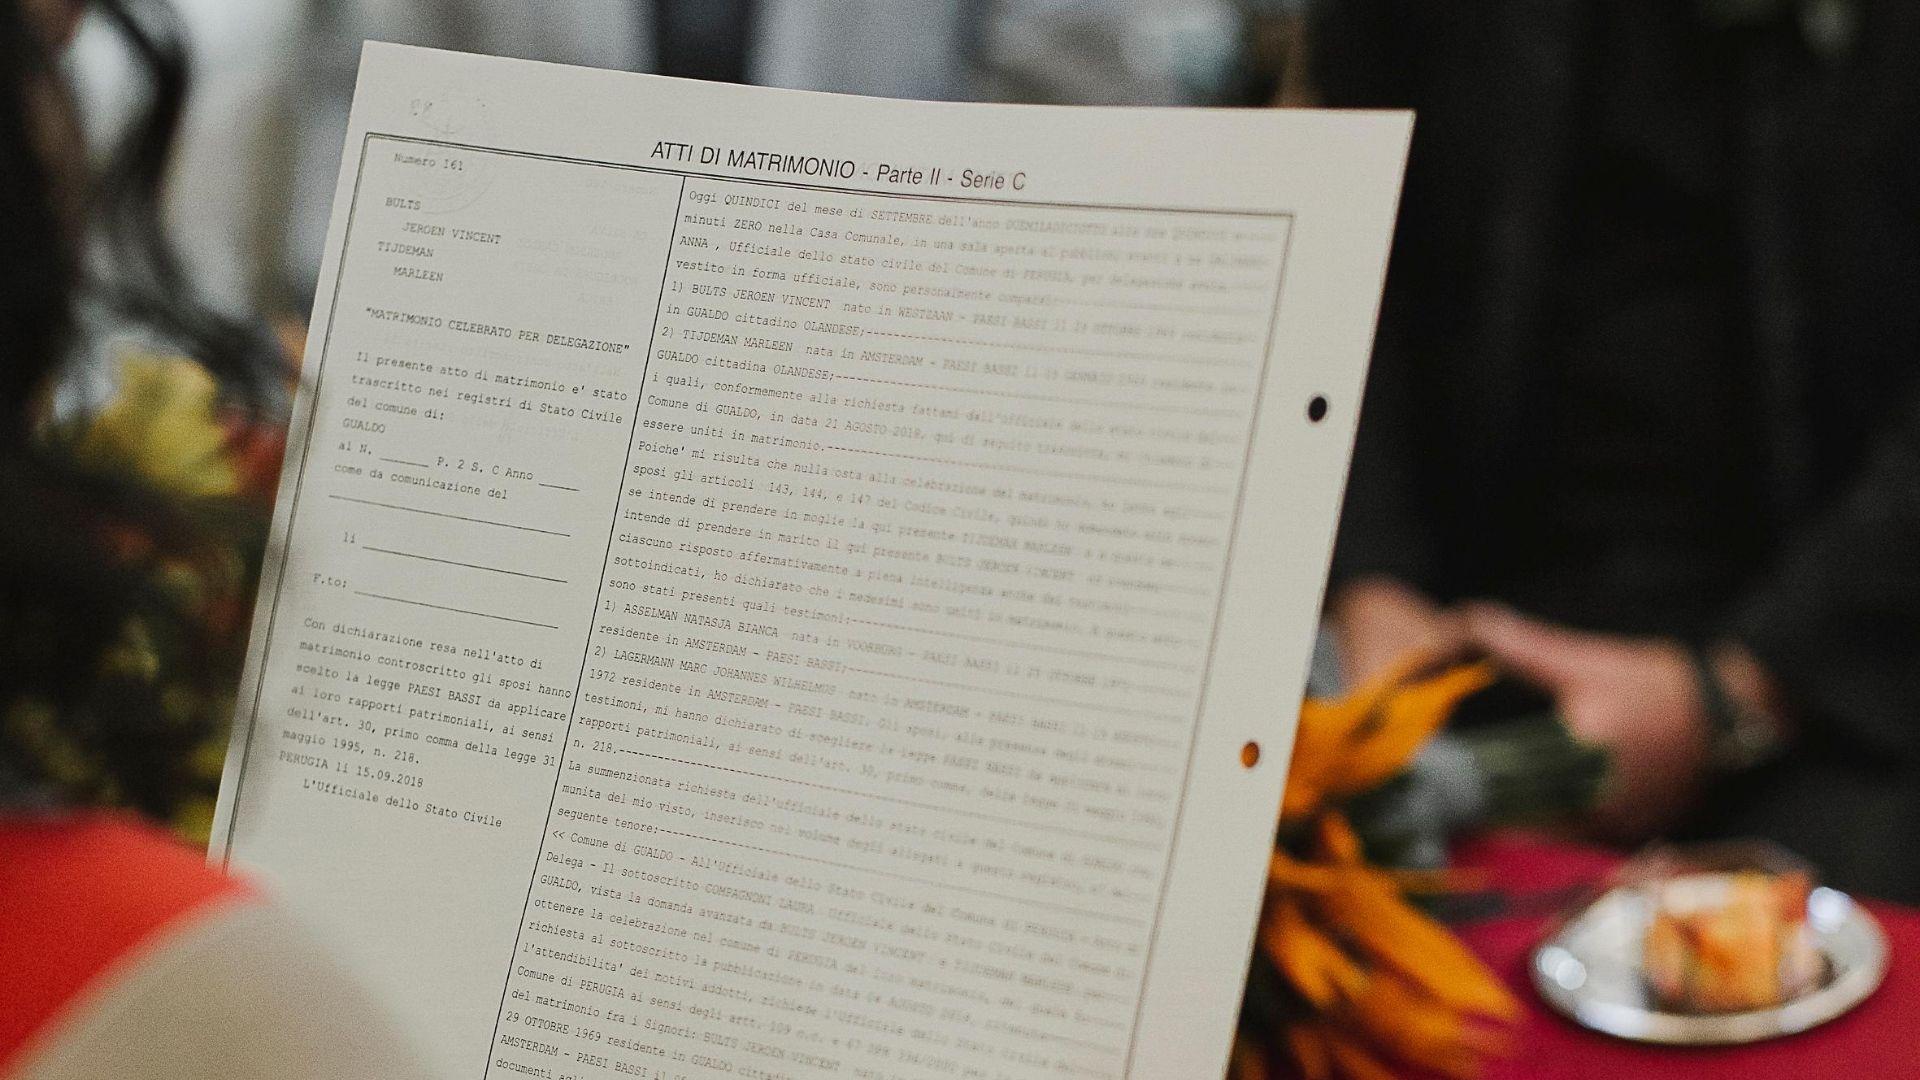 La foto ritrae un ufficiale di stato civili del comune di Perugia intento nella lettura di un atto di matrimonio.The photo shows a civil state officer of the municipality of Perugia reading a marriage certificate.